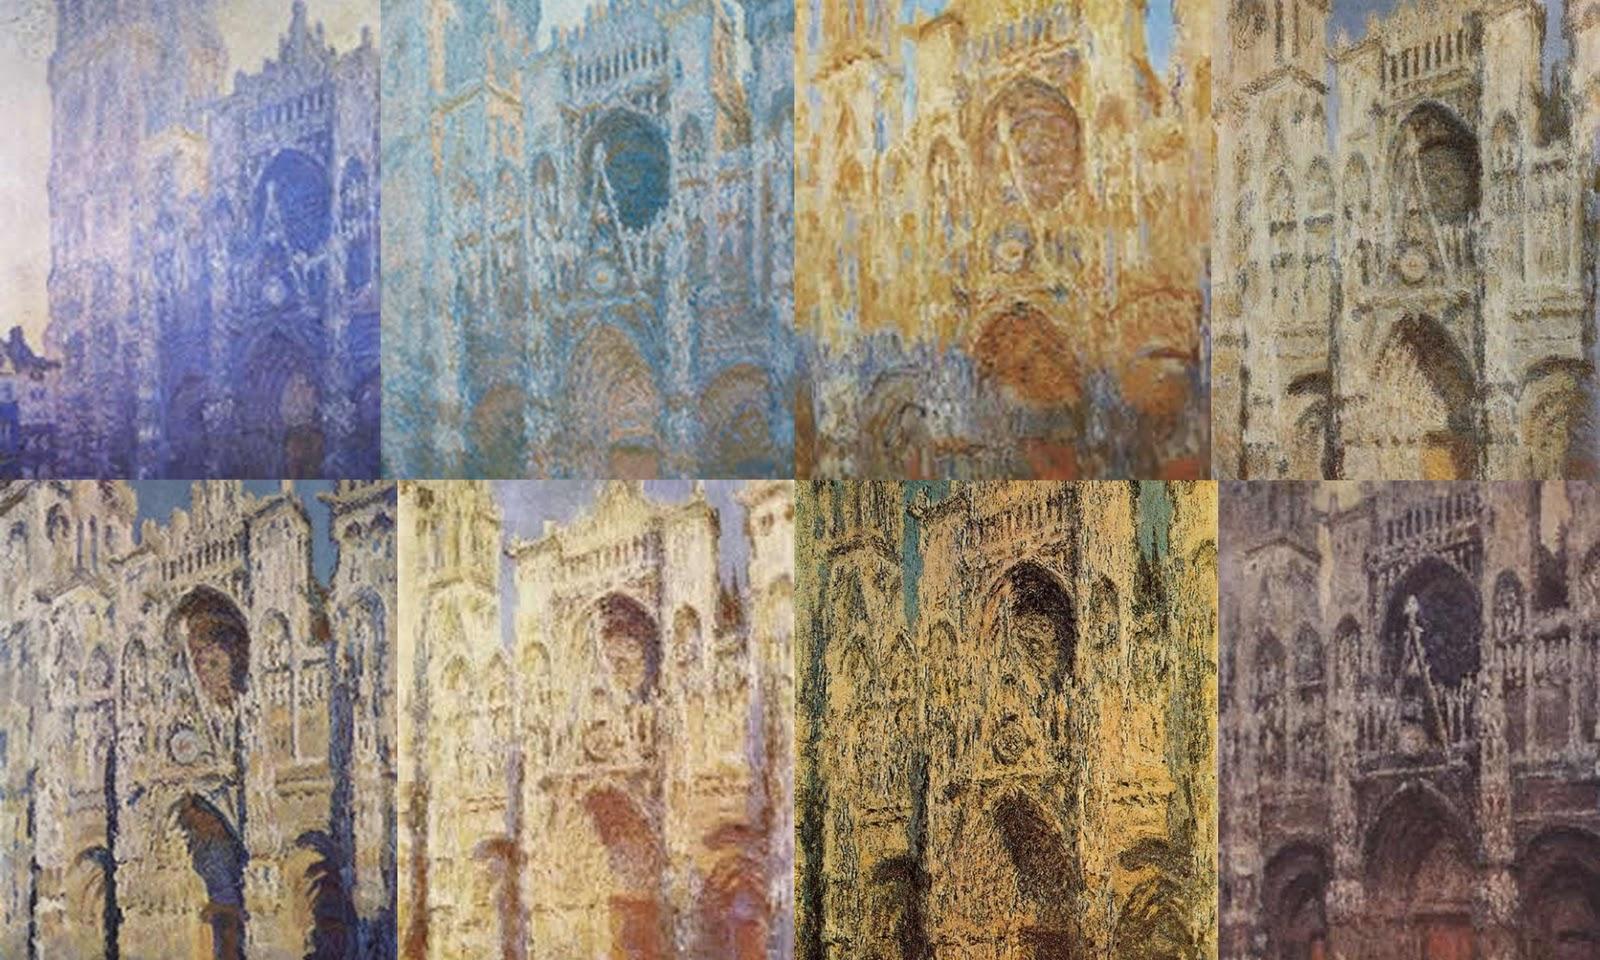 fotos blog4 - Características básicas de la pintura impresionista